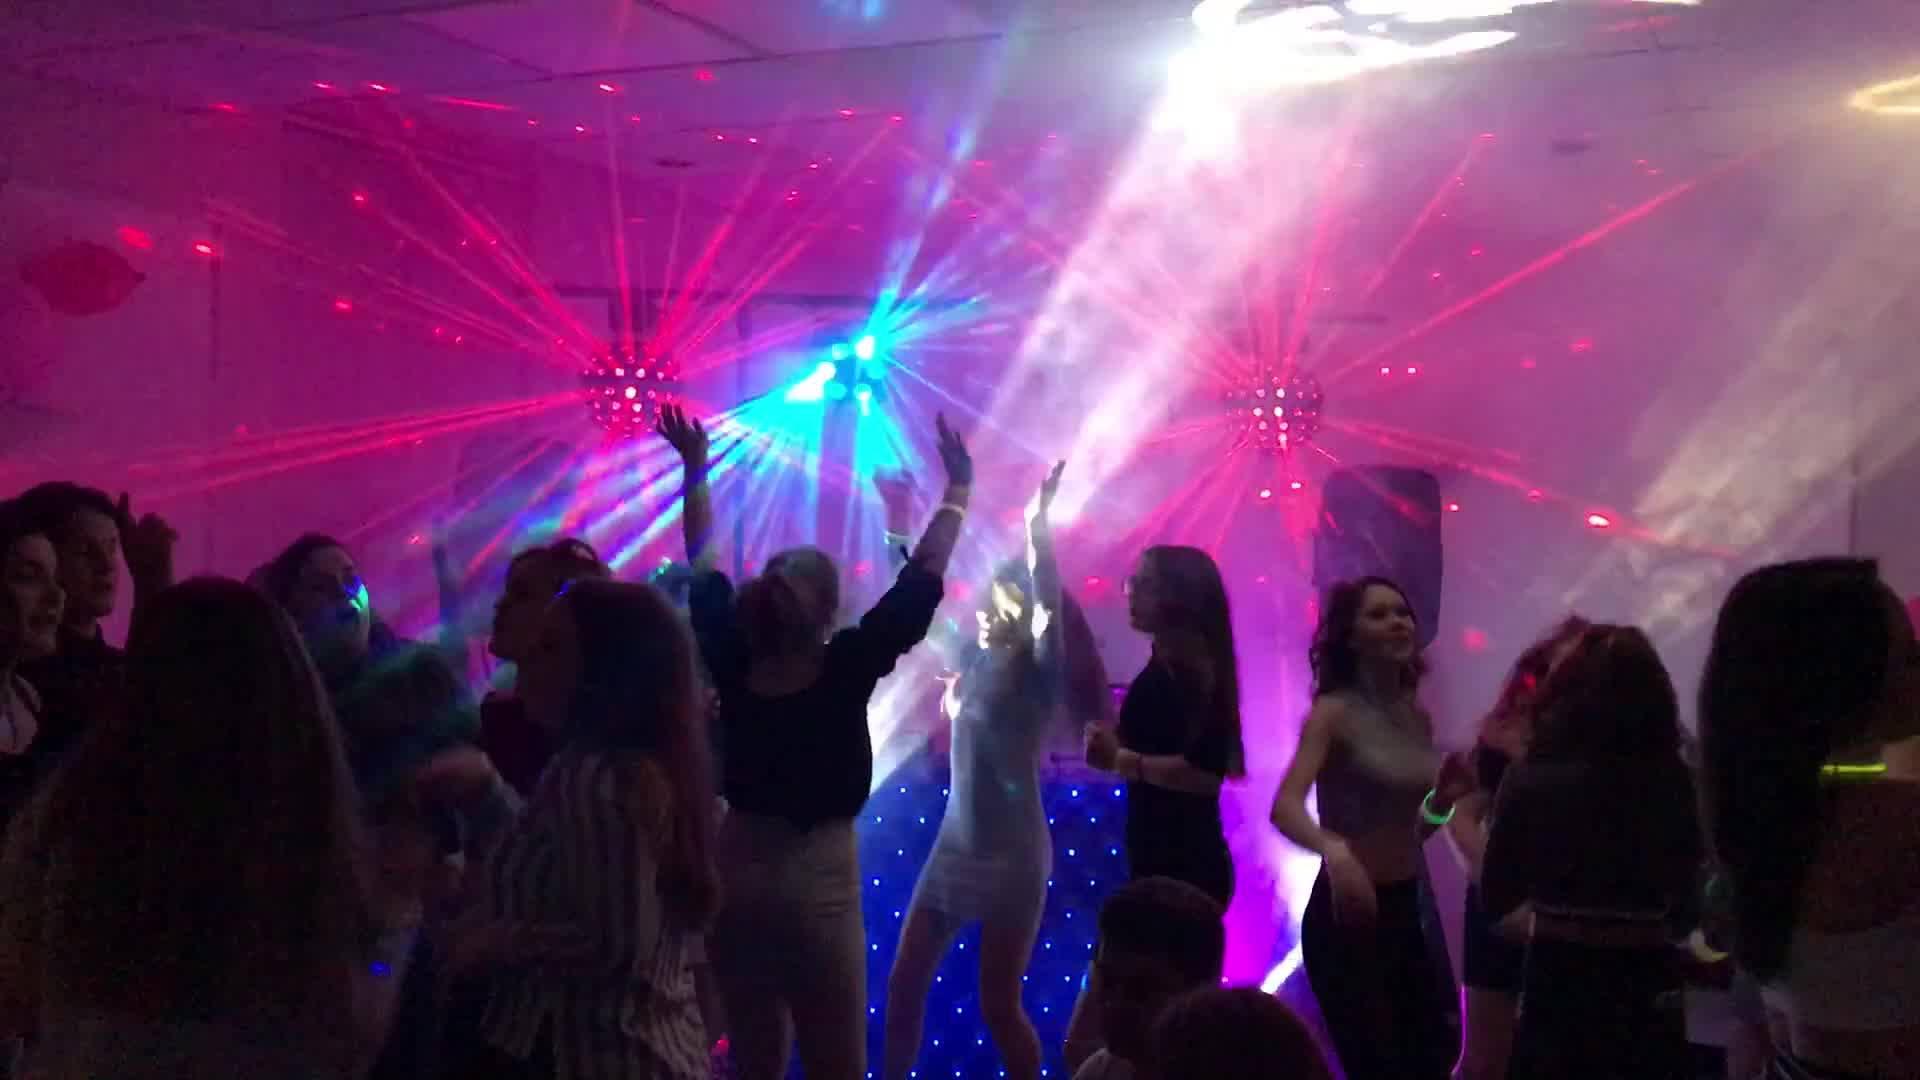 Teenage Parties - 2